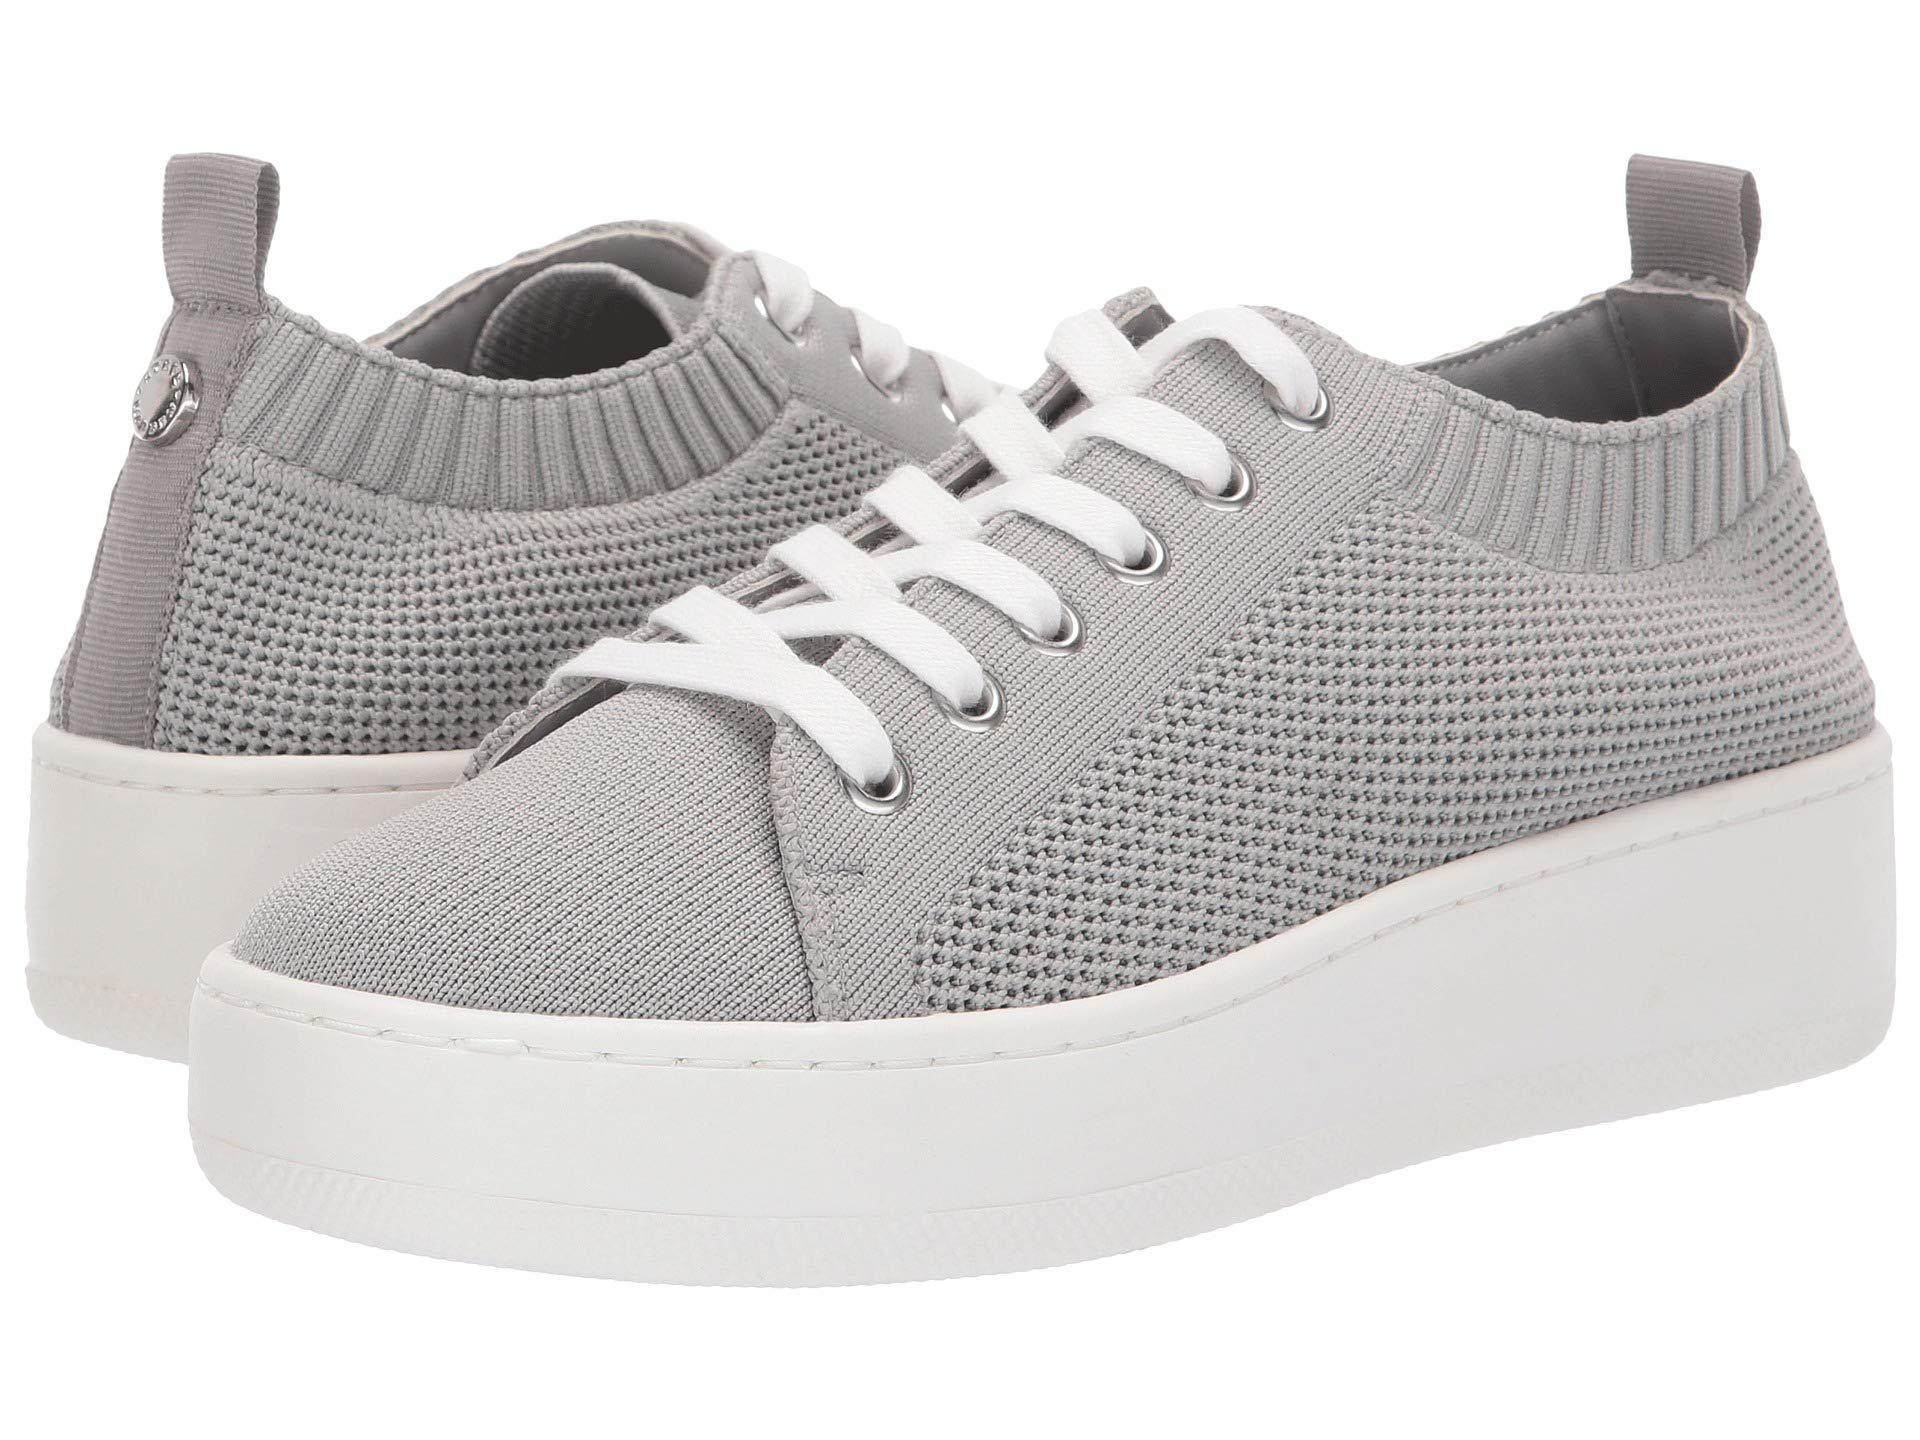 0fbbdd637e6 Lyst - Steve Madden Bardo Sneaker in Gray